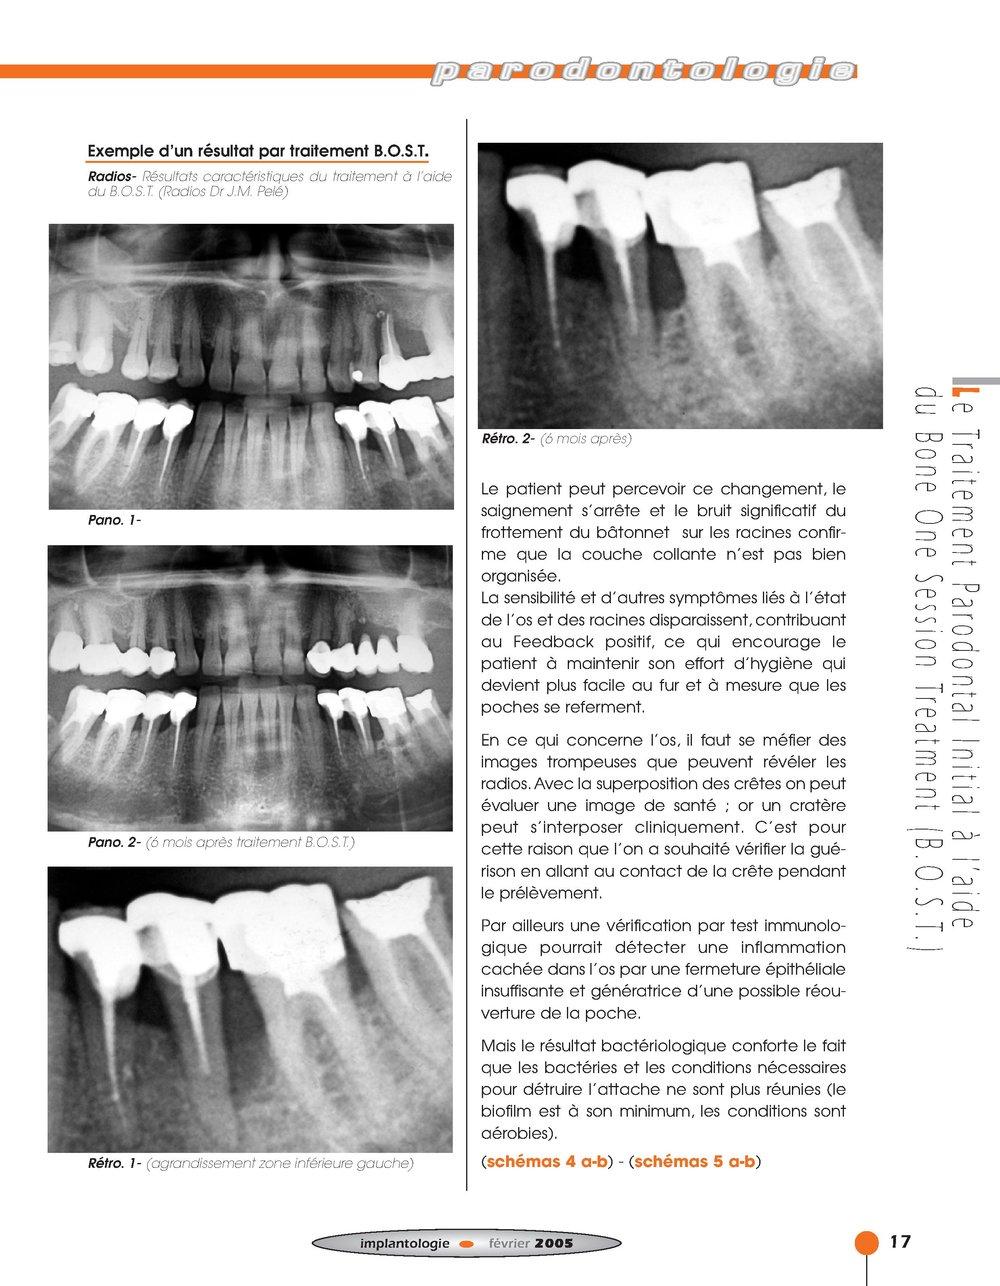 Implantologie BOST Article 14 BLZ-11.jpg